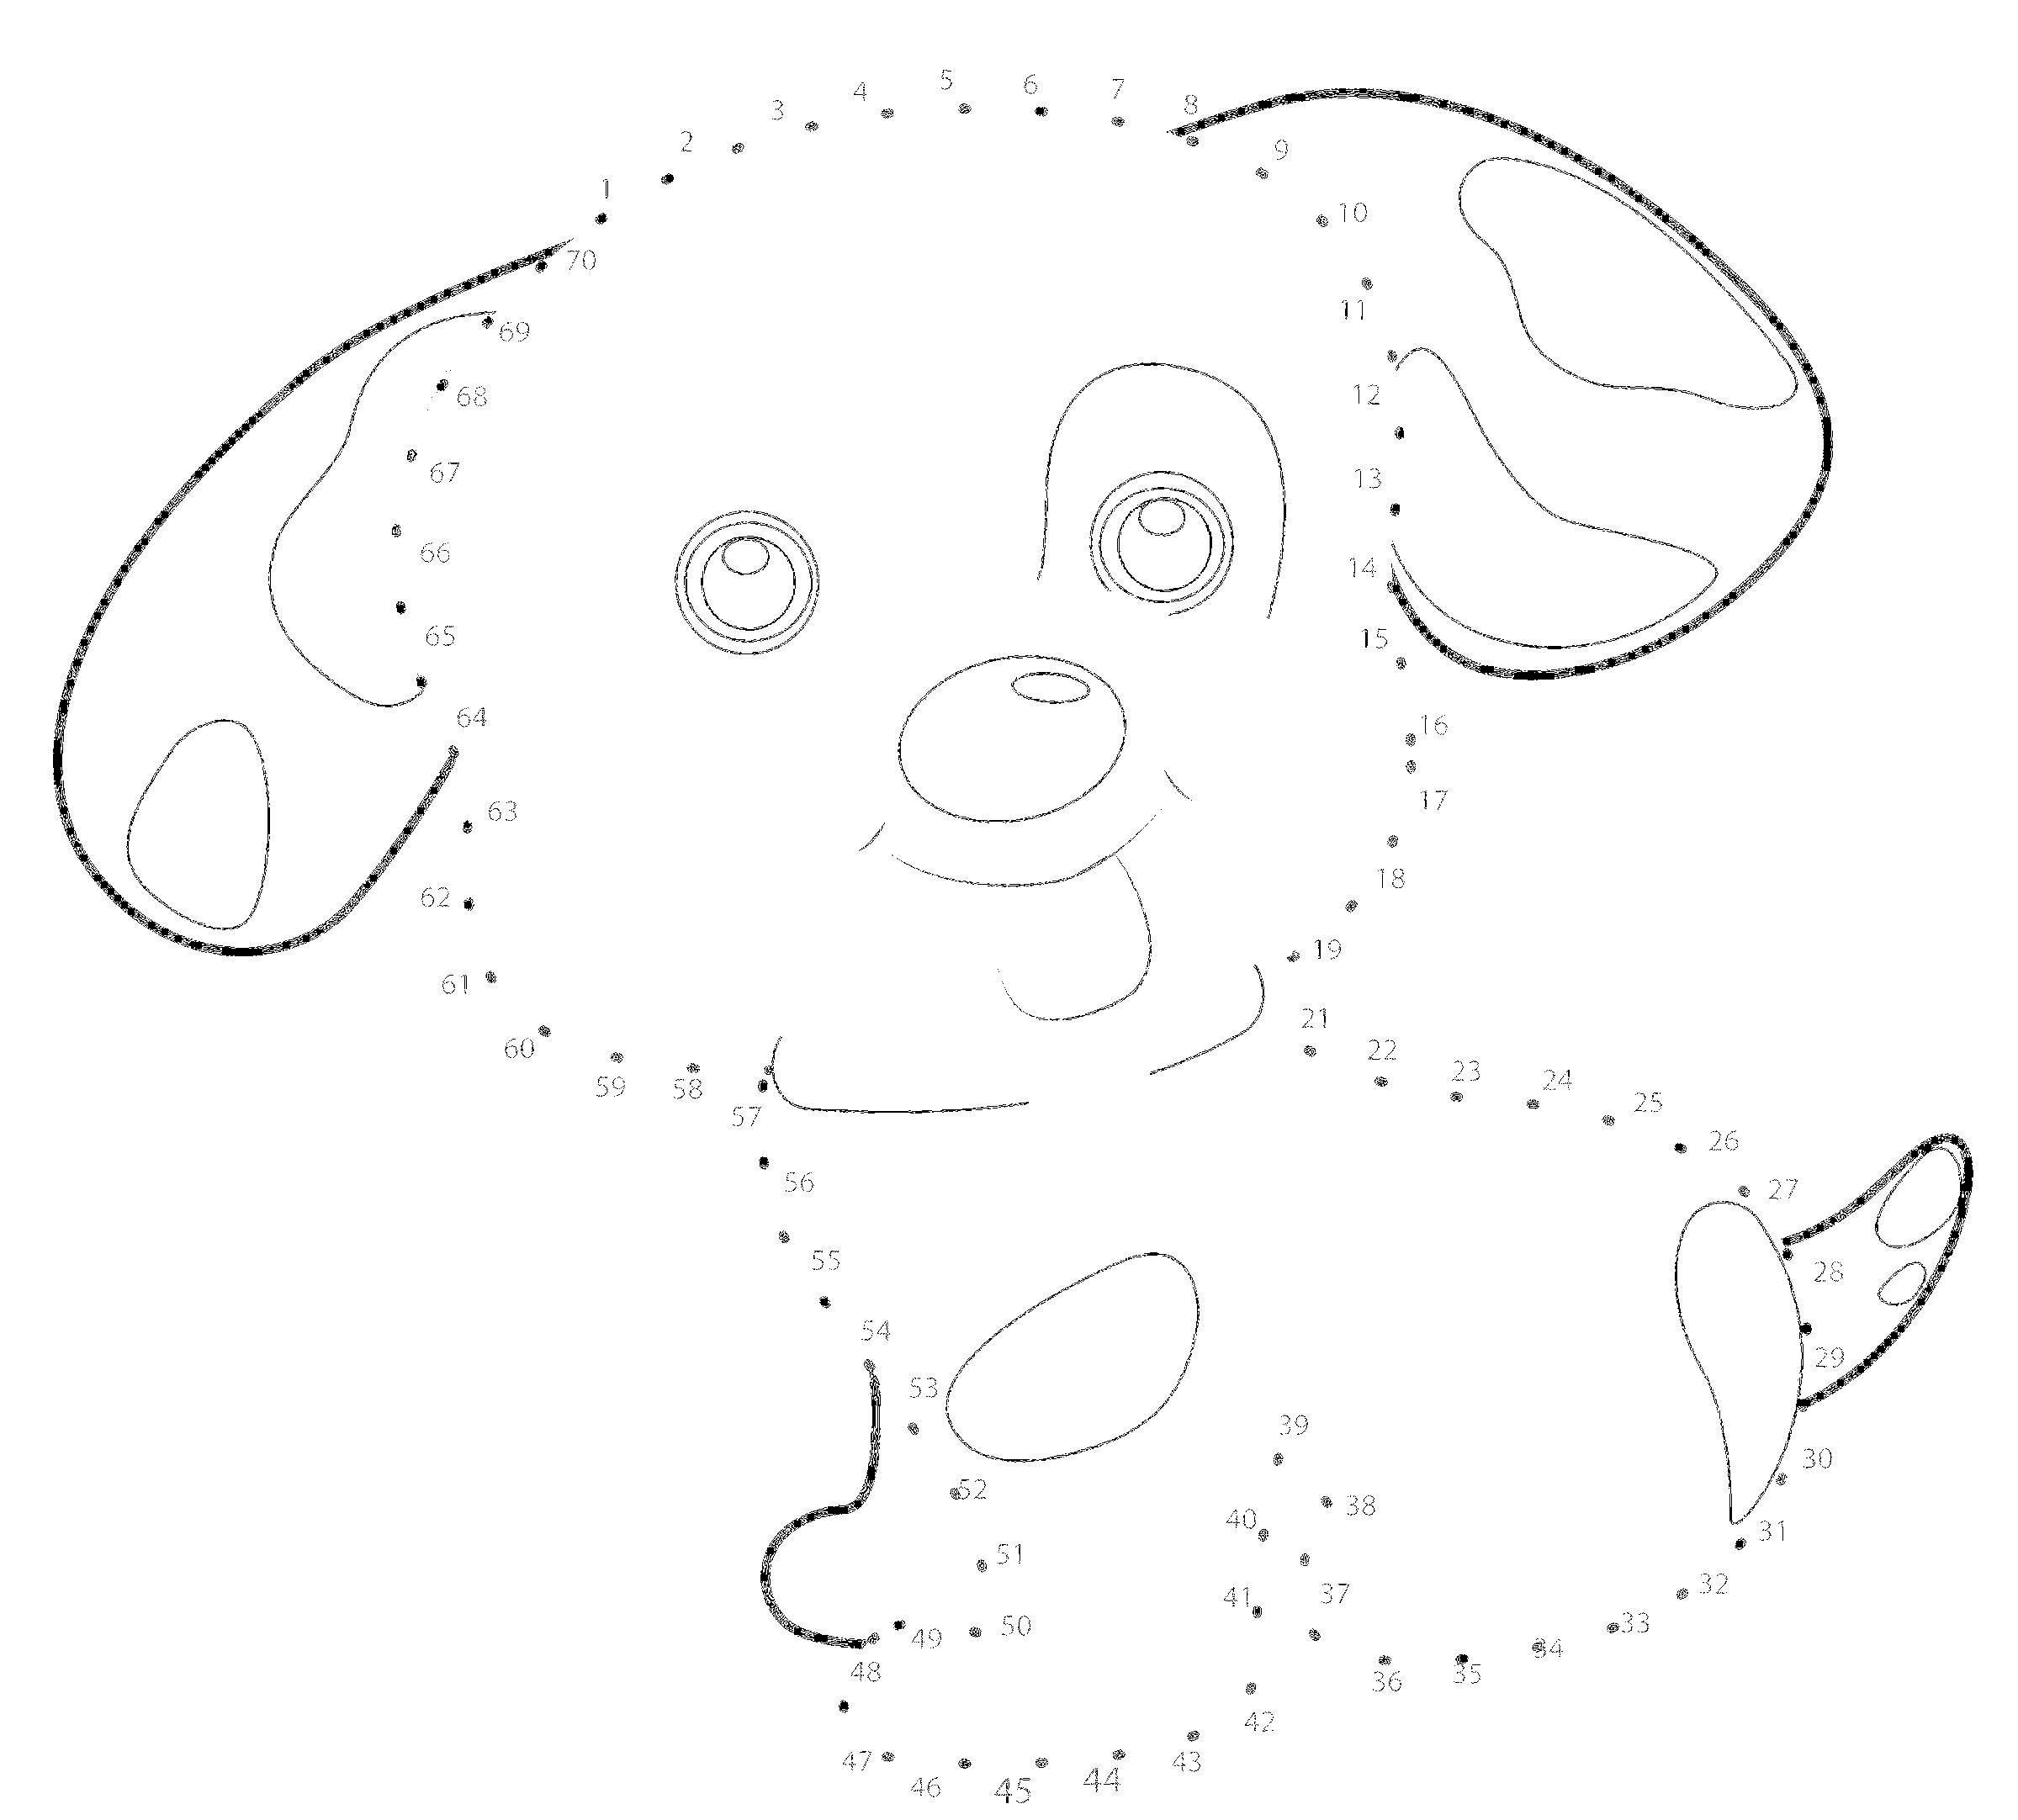 картинка по точкам собачка известно жизни творческих